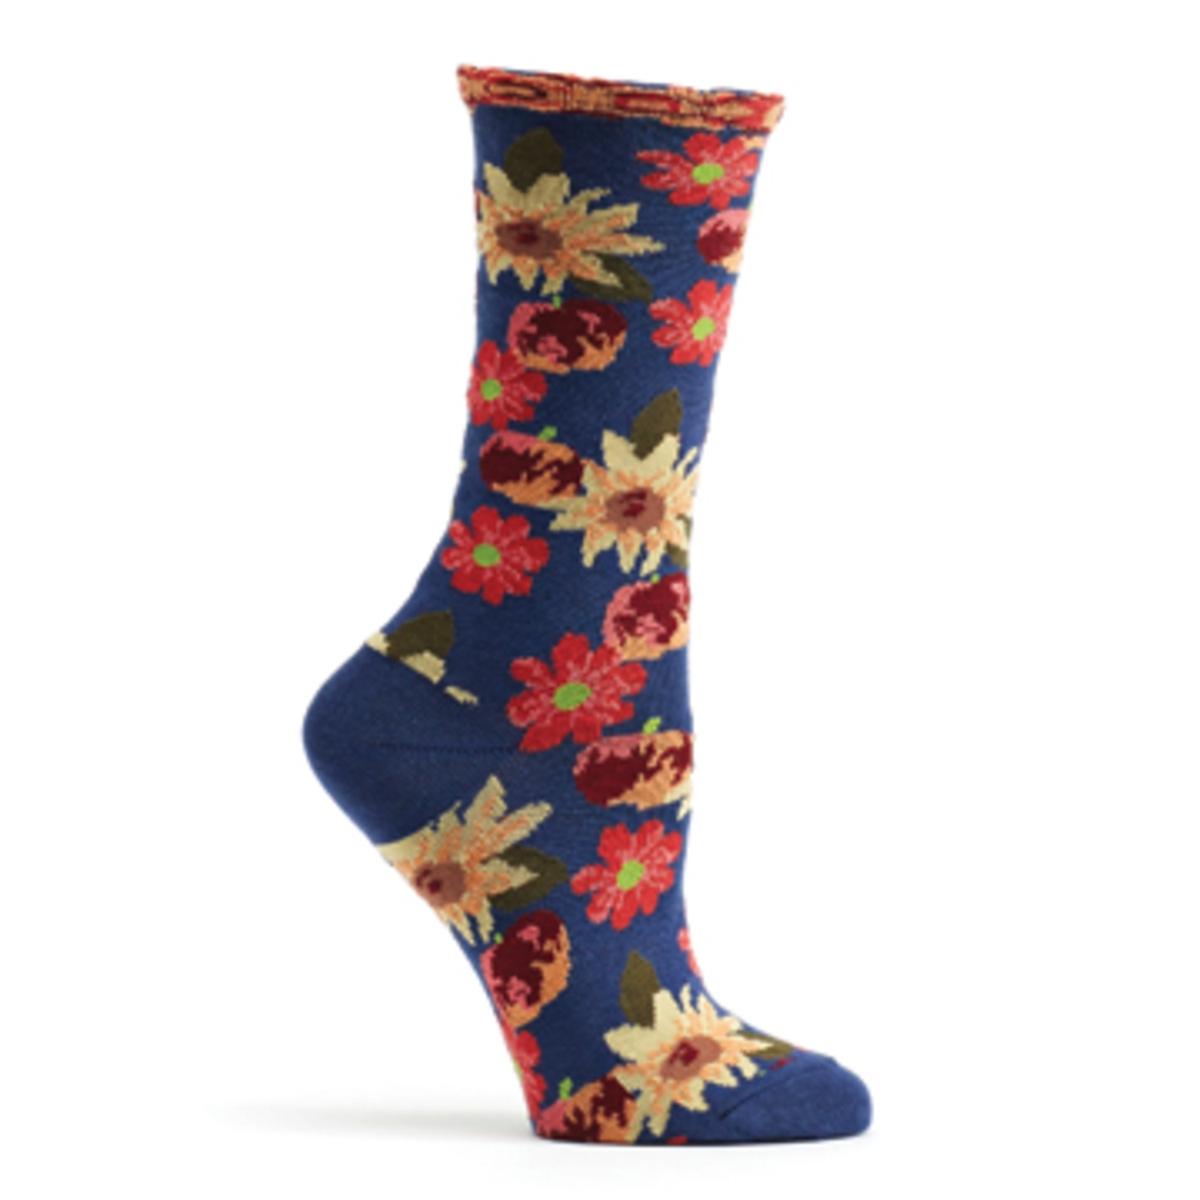 Petunia Socks